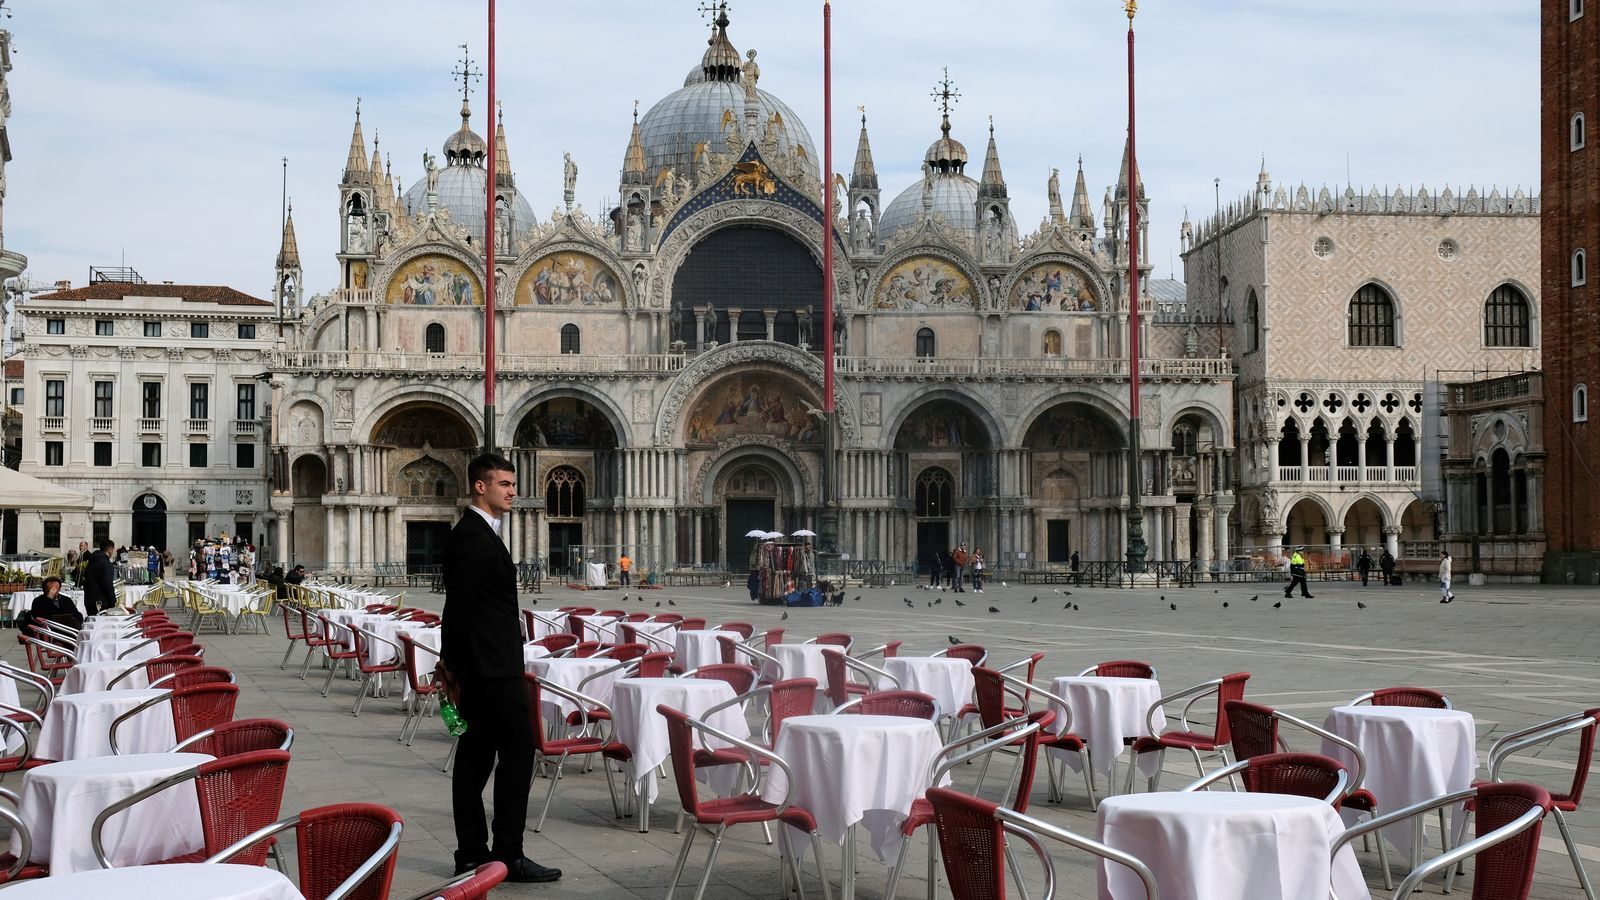 Itàlia confinada i el president xinès visita Wuhan: la lluita contra l'epidèmia de coronavirus al món